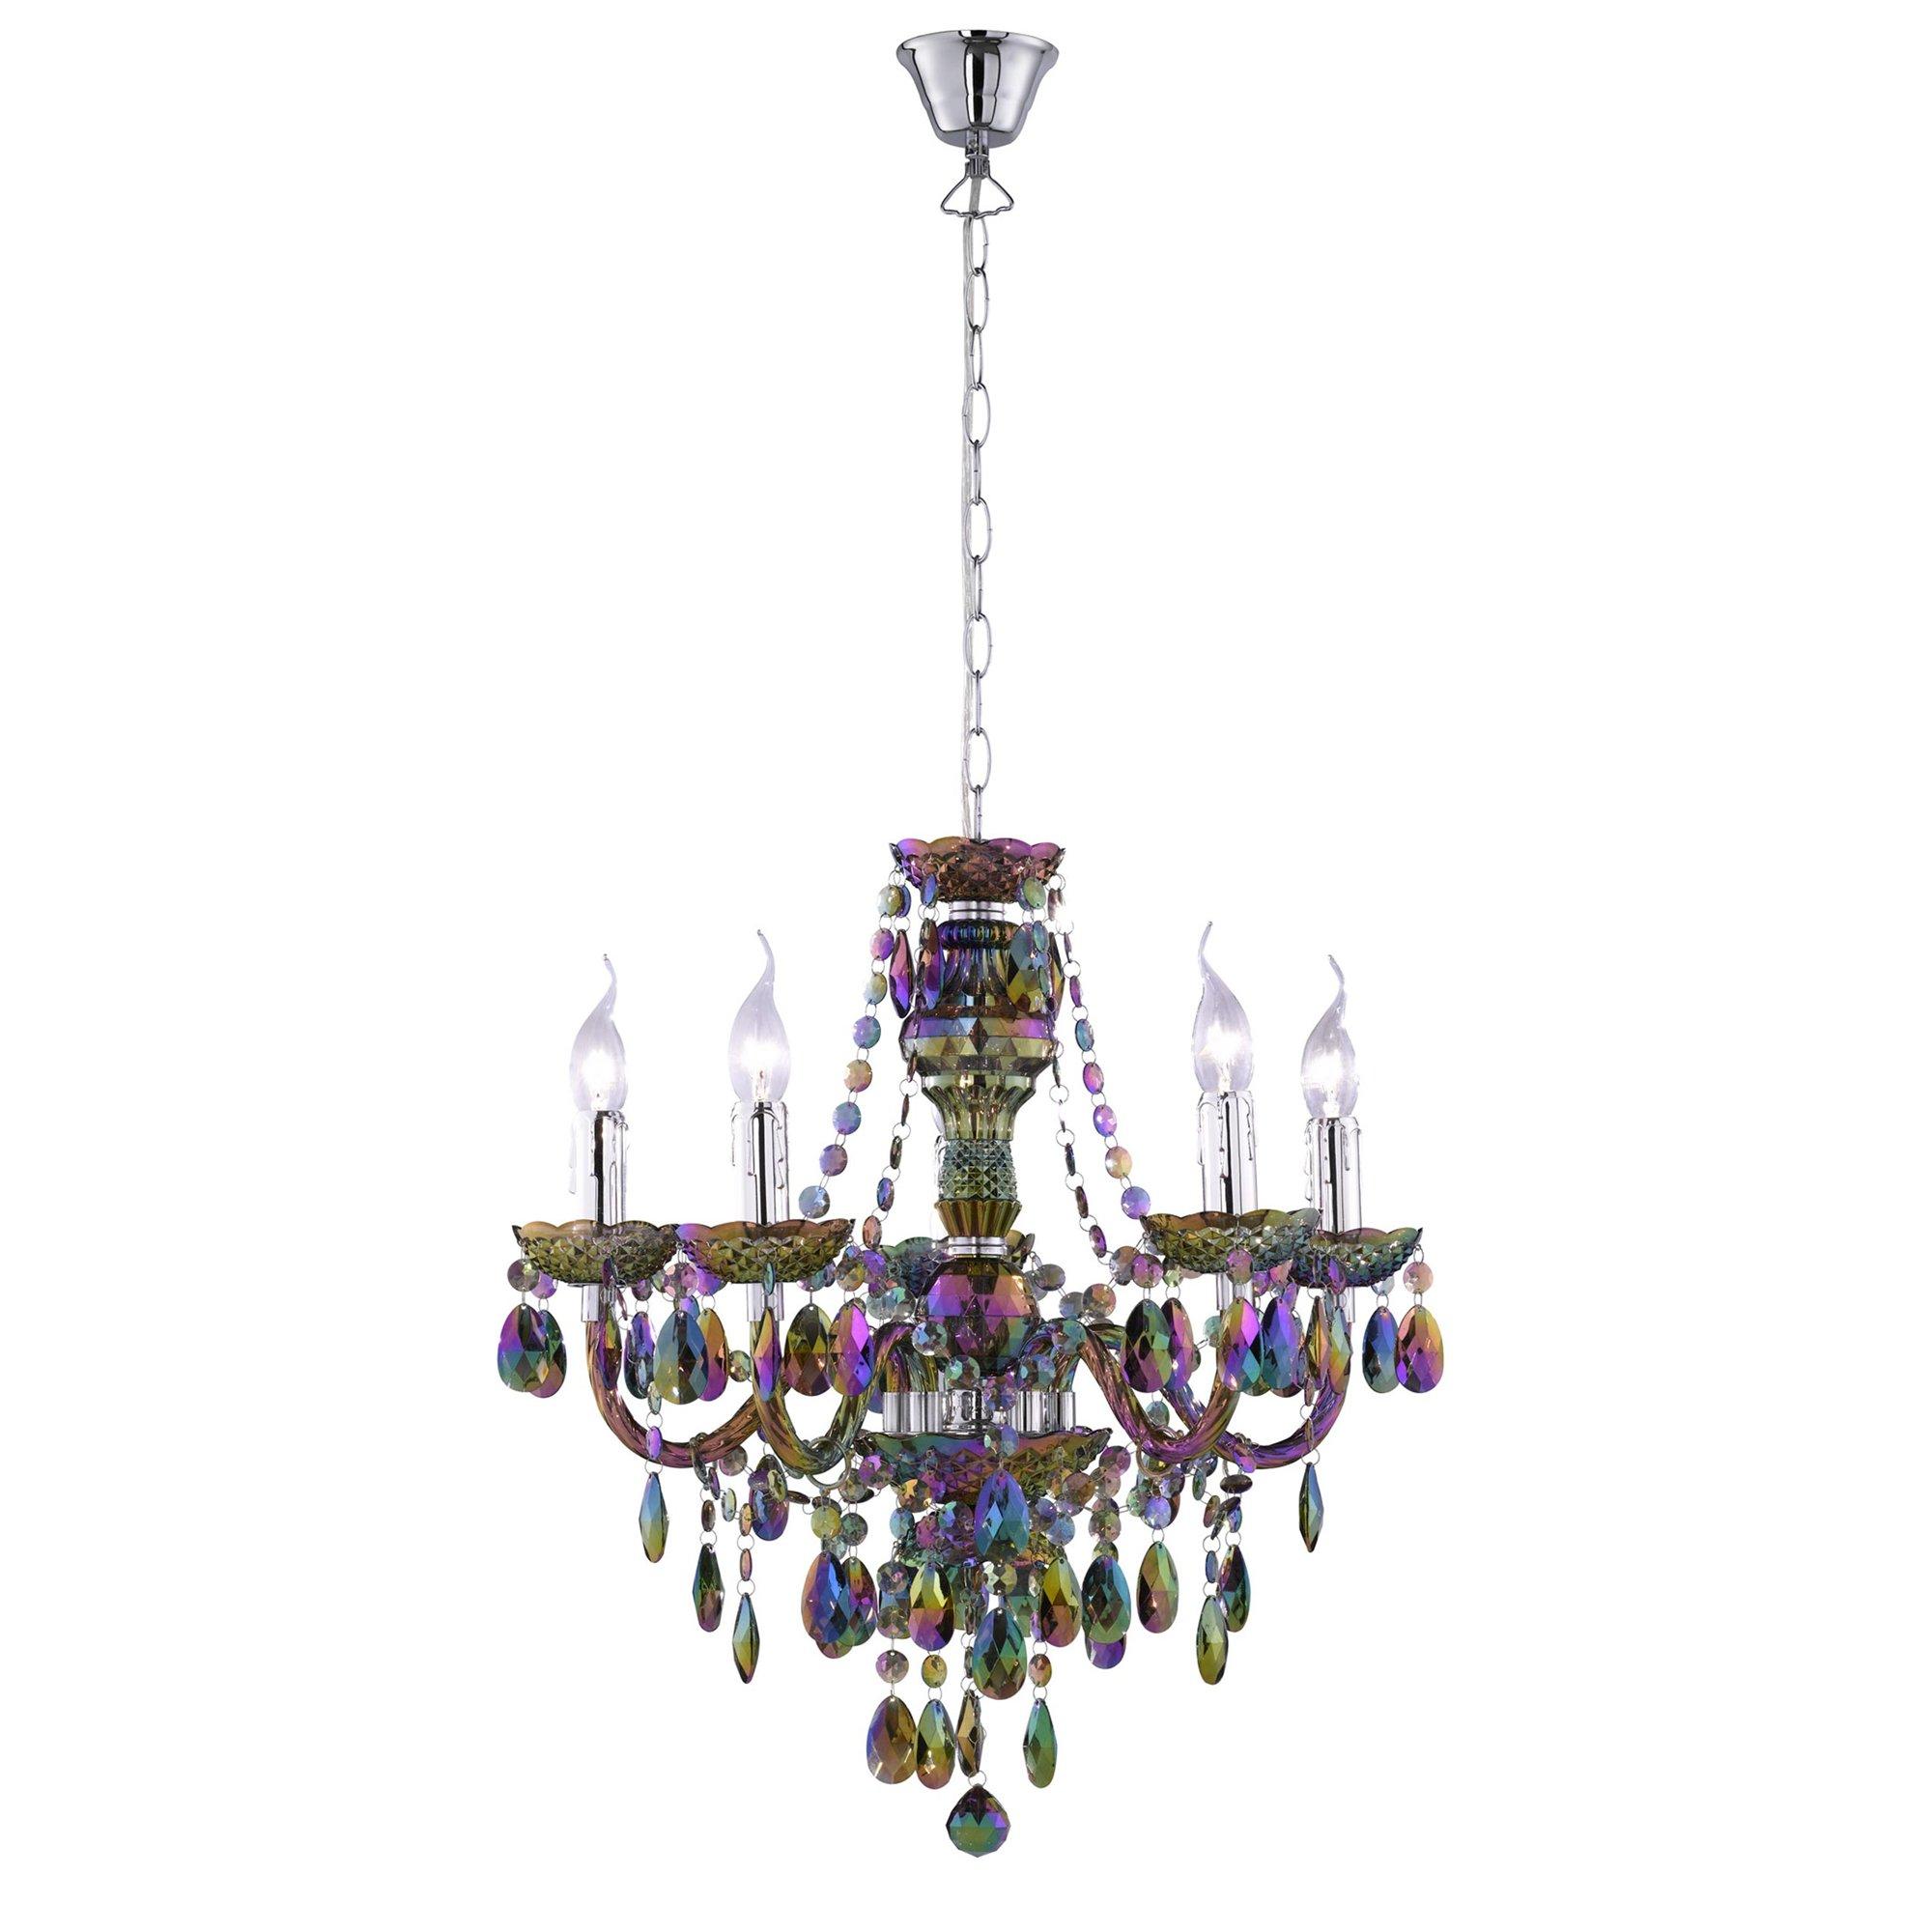 lmpara de techo tipo araa con puntos de luz fabricada en vidrio acrlico color arcoiris